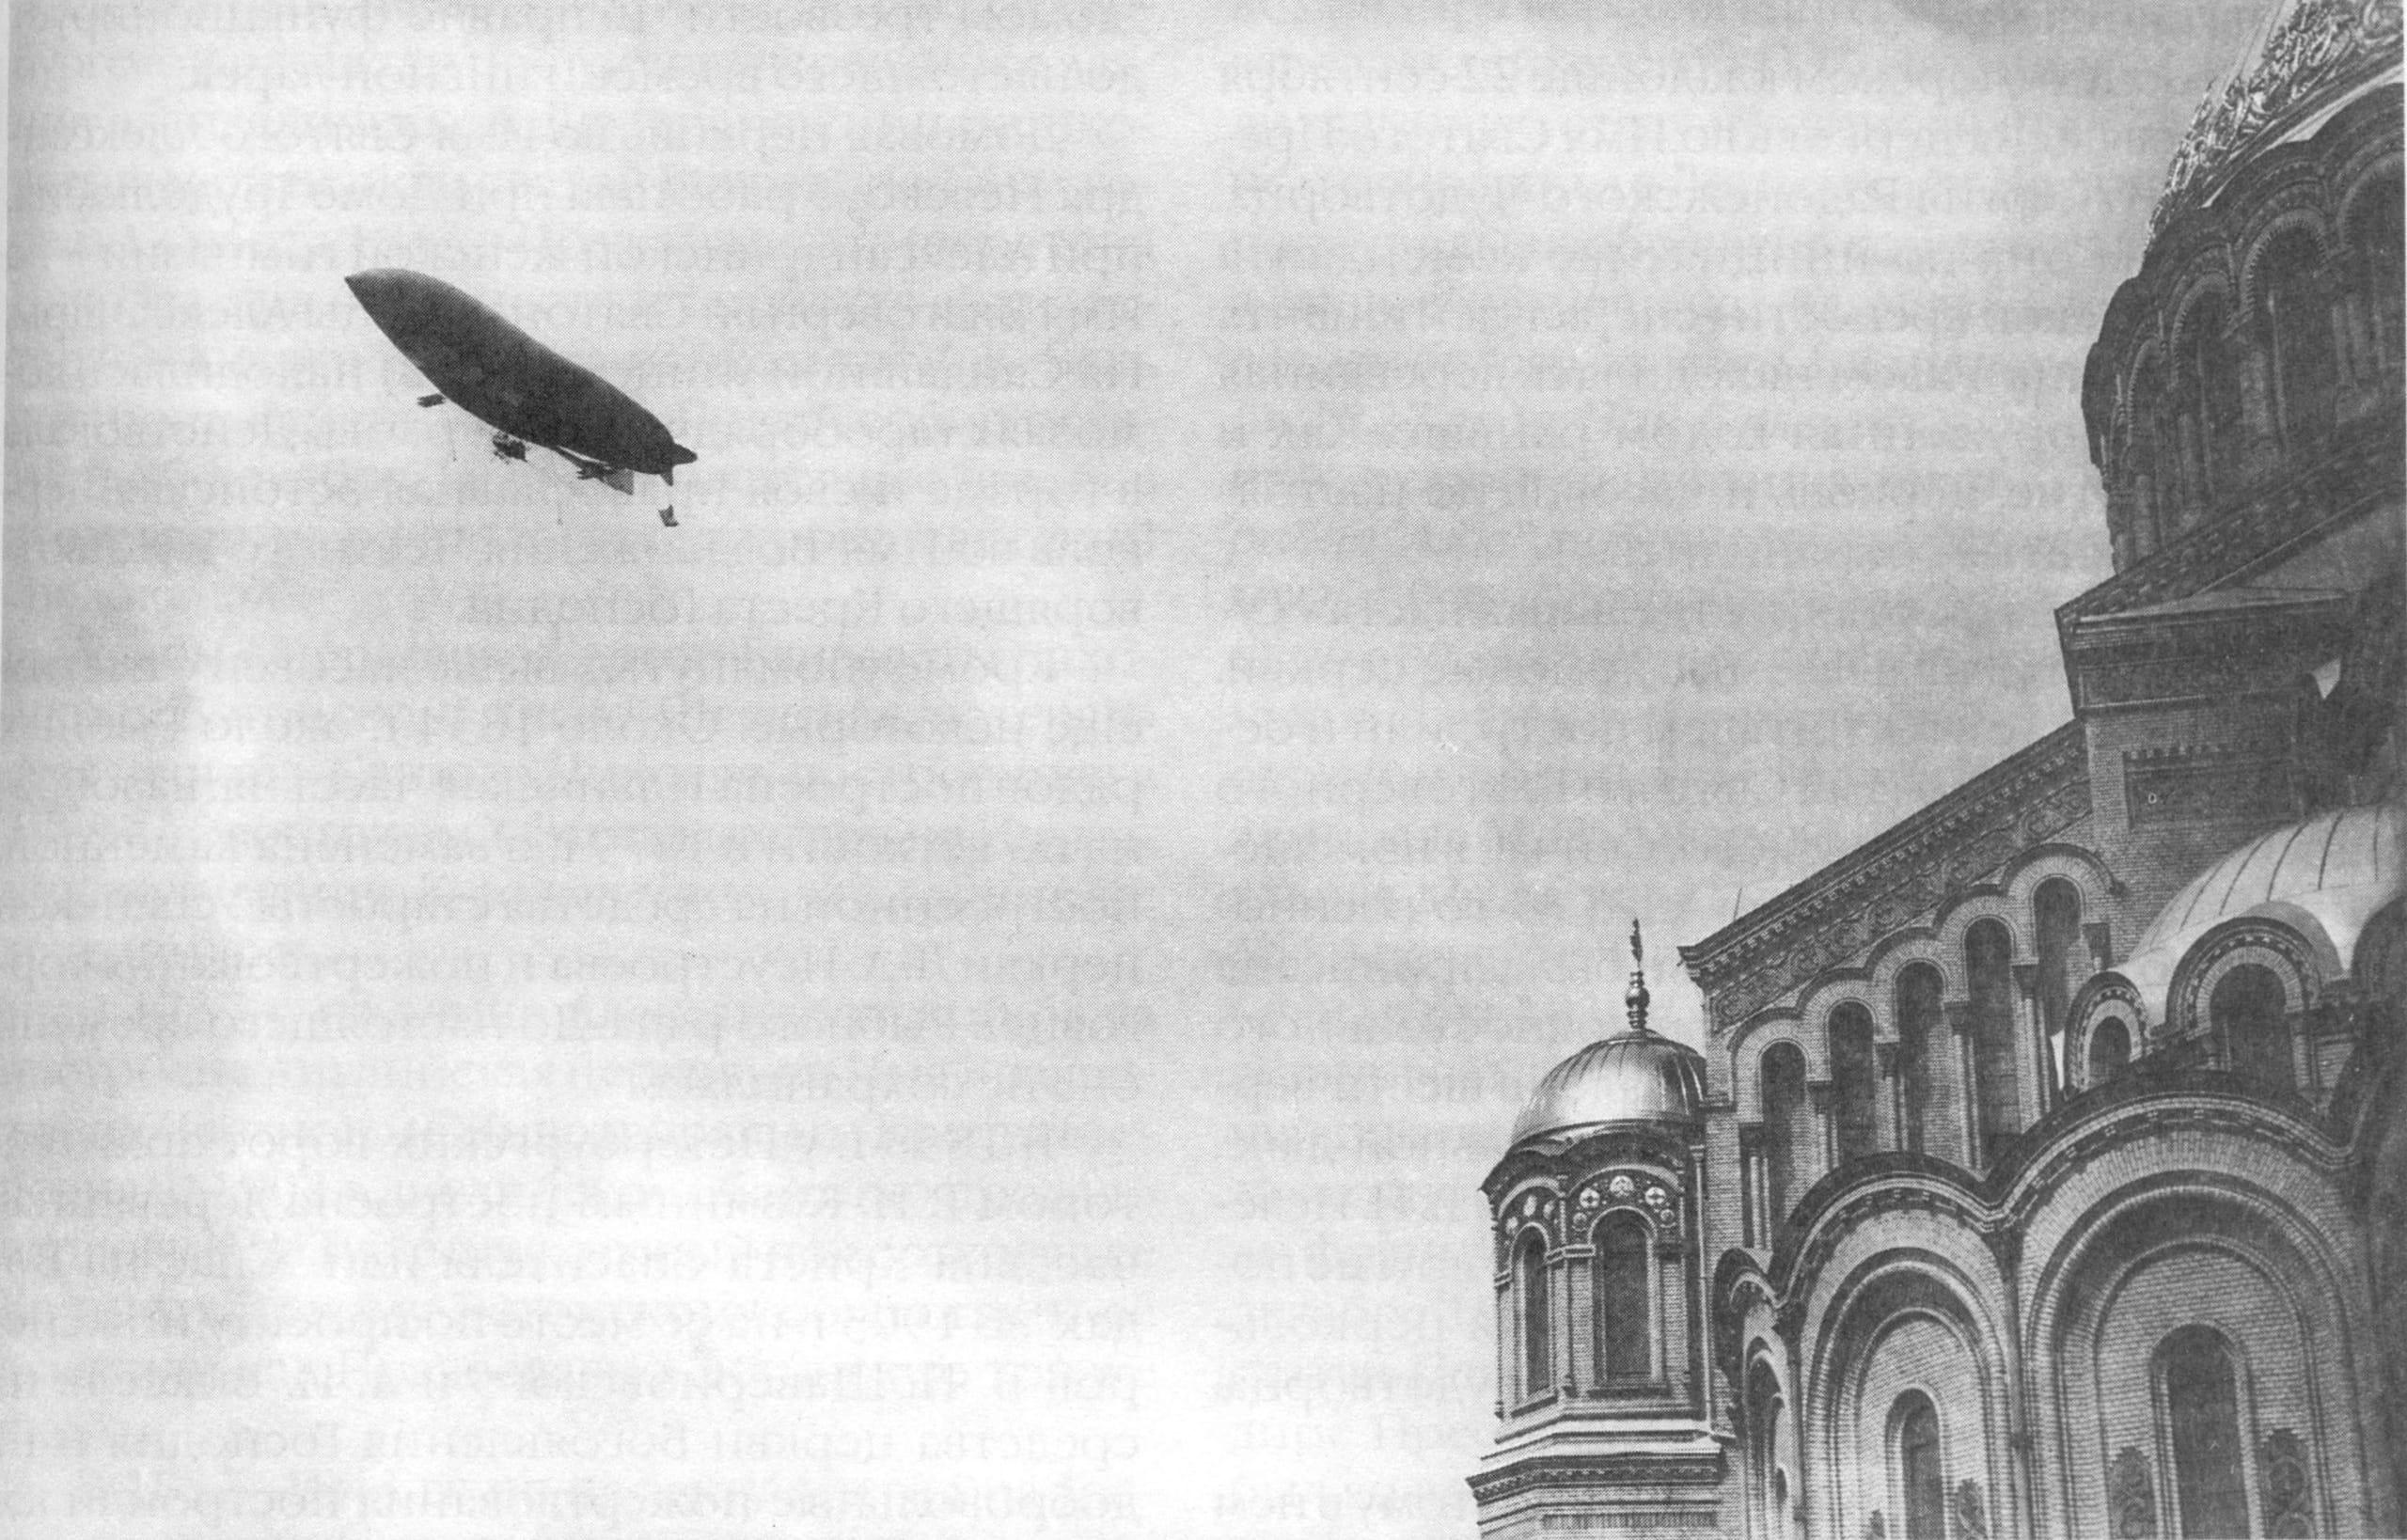 Дирижабль «Лебедь» над Морским собором в день освящения, Кронштадт 10 (23) июня 1913 г